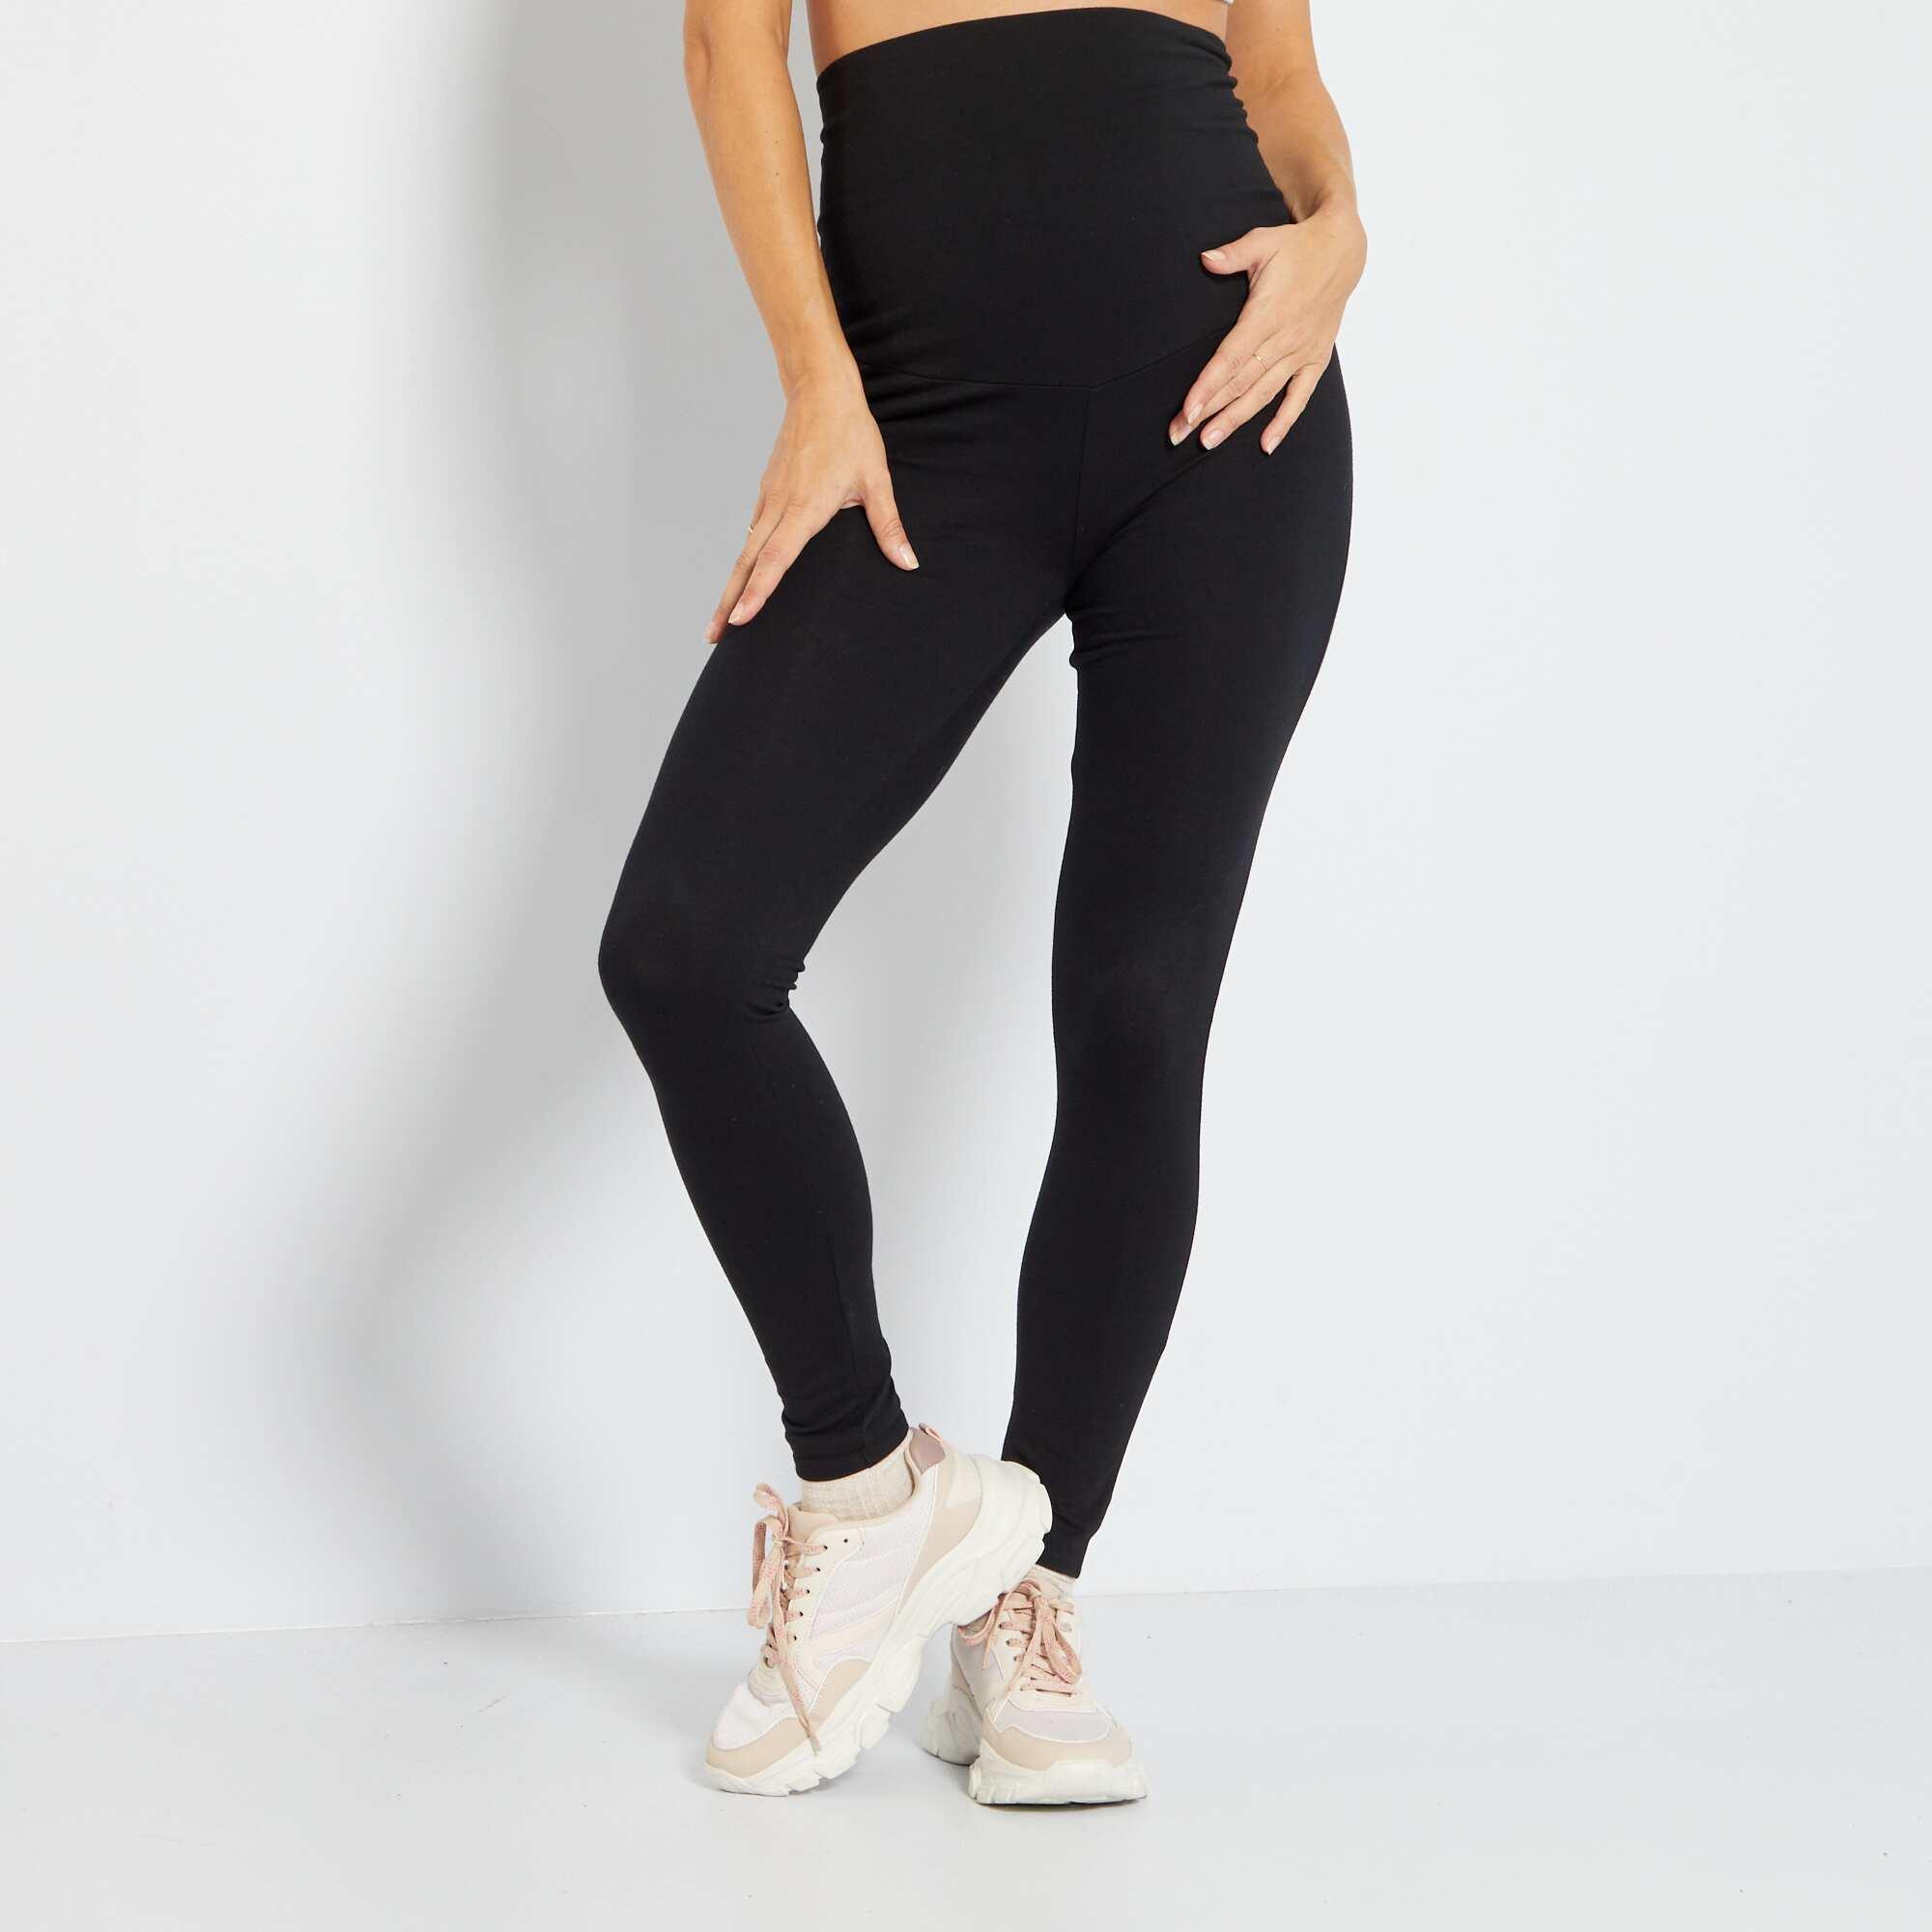 Couleur : noir, bleu marine, ,, - Taille : 42/44, 46/48, 34/36,38/40,Une maille douce et agréable ! - Legging taille élastique. Notre mannequin porte